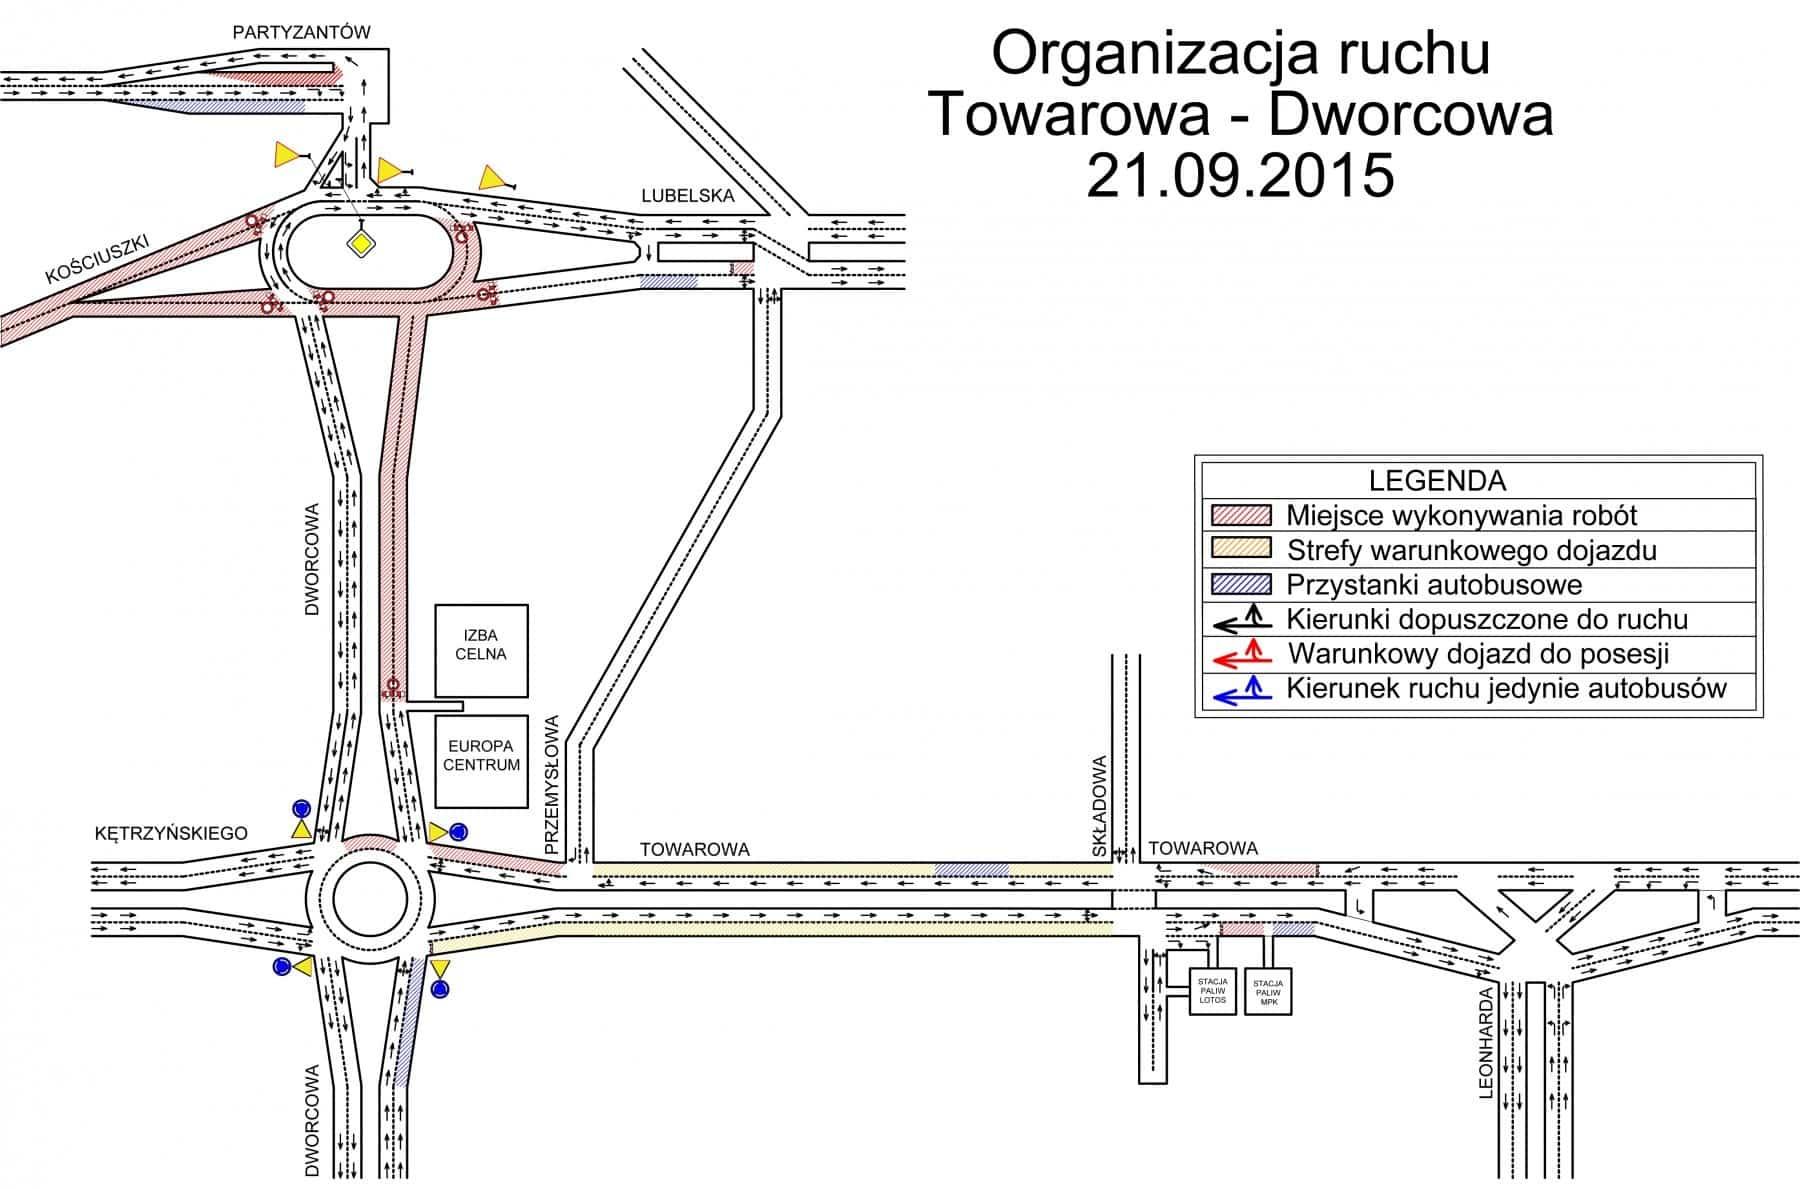 TOR-Dworcowa-21.09.2015